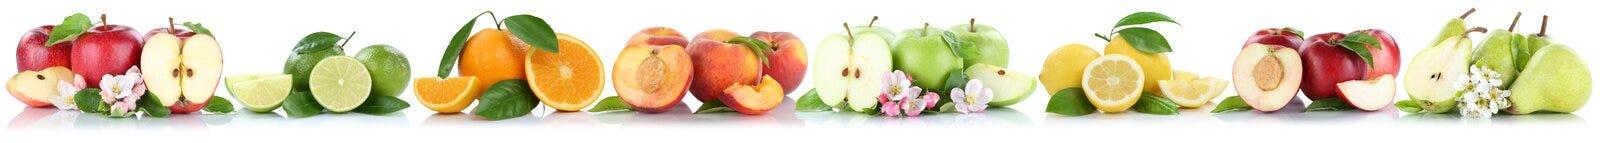 Owoc cytryny nektaryny jabłek jabłczane pomarańczowe pomarańcze owocowe w ro